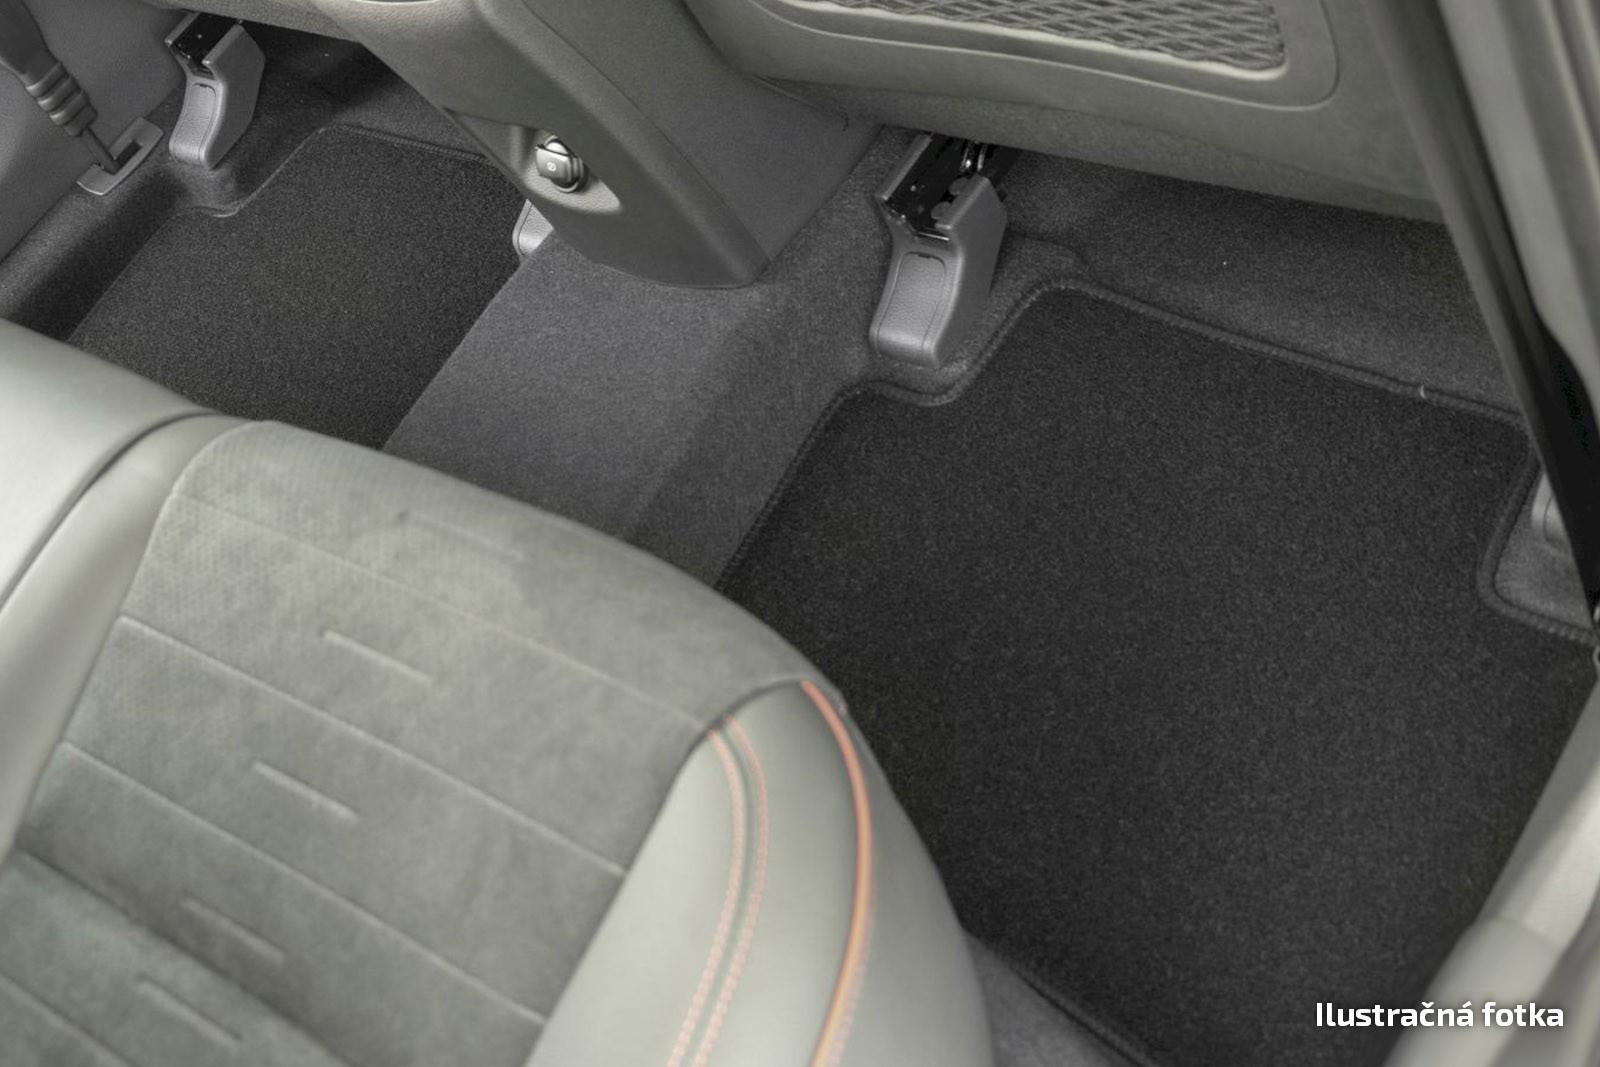 Poza cu Covorase din velur, Mitsubishi L200, 2006-2015